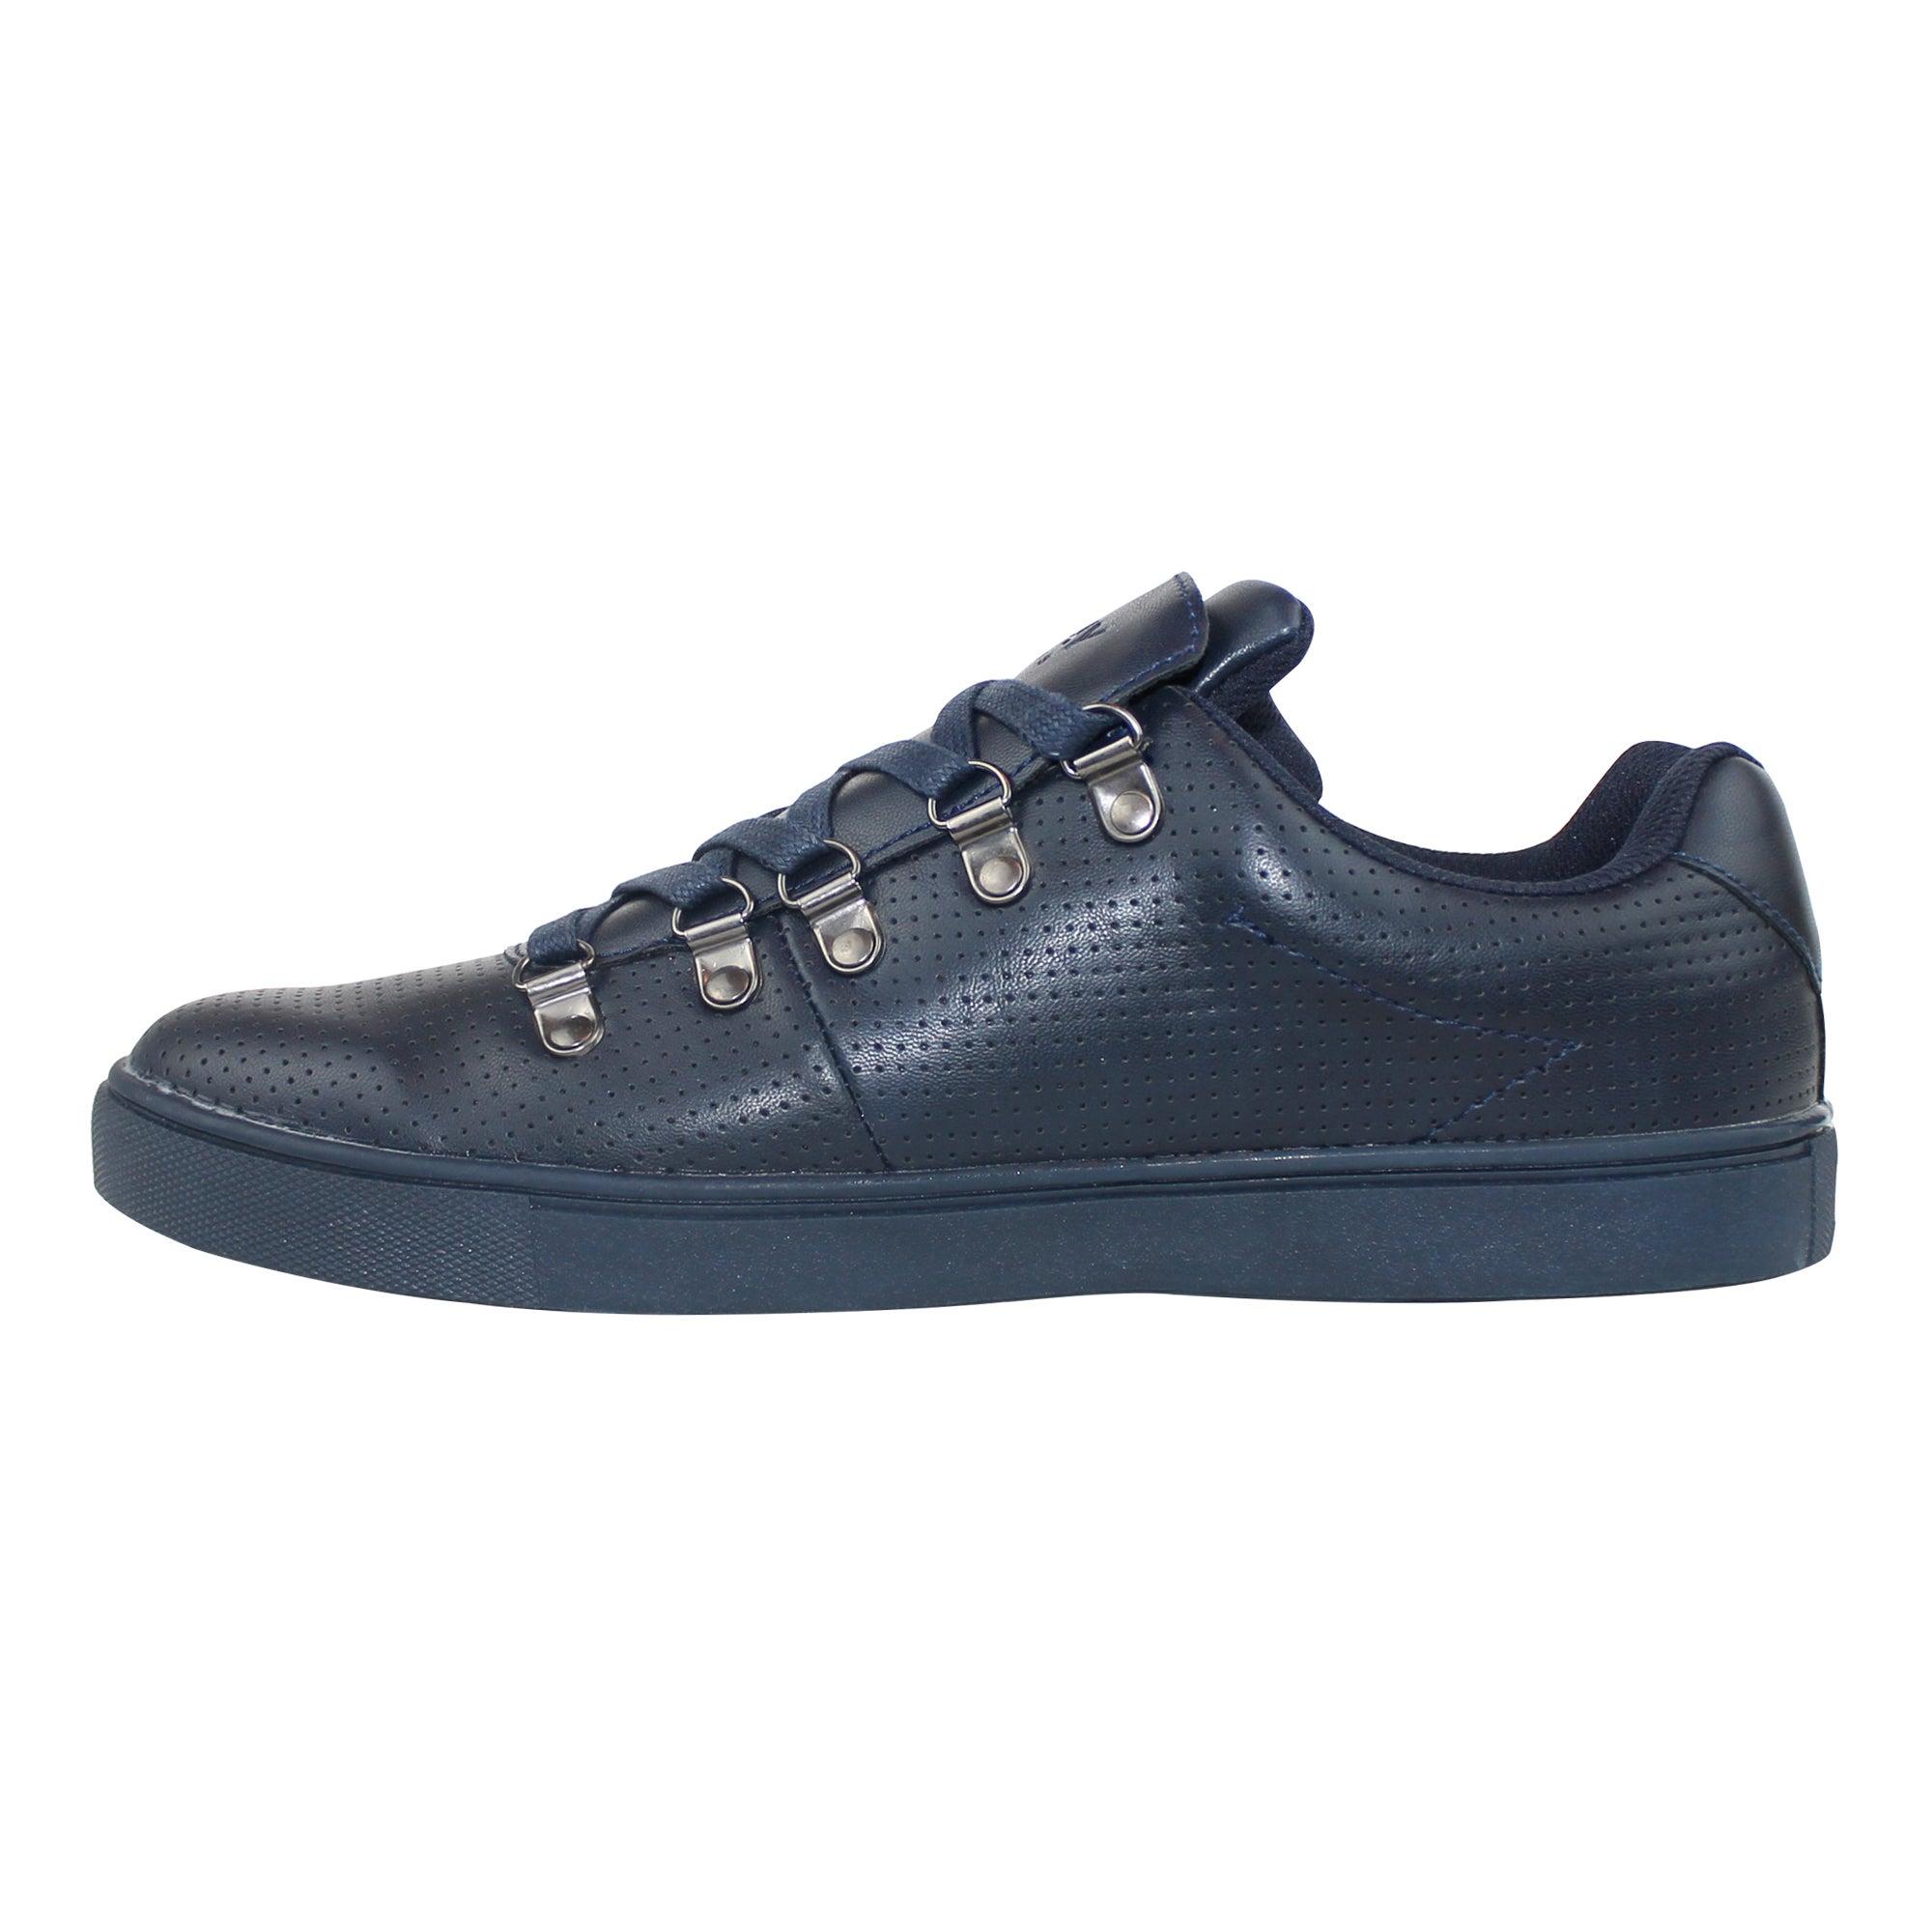 Xray Ridge Perf Sneaker wiki online 0wRtmzEHu